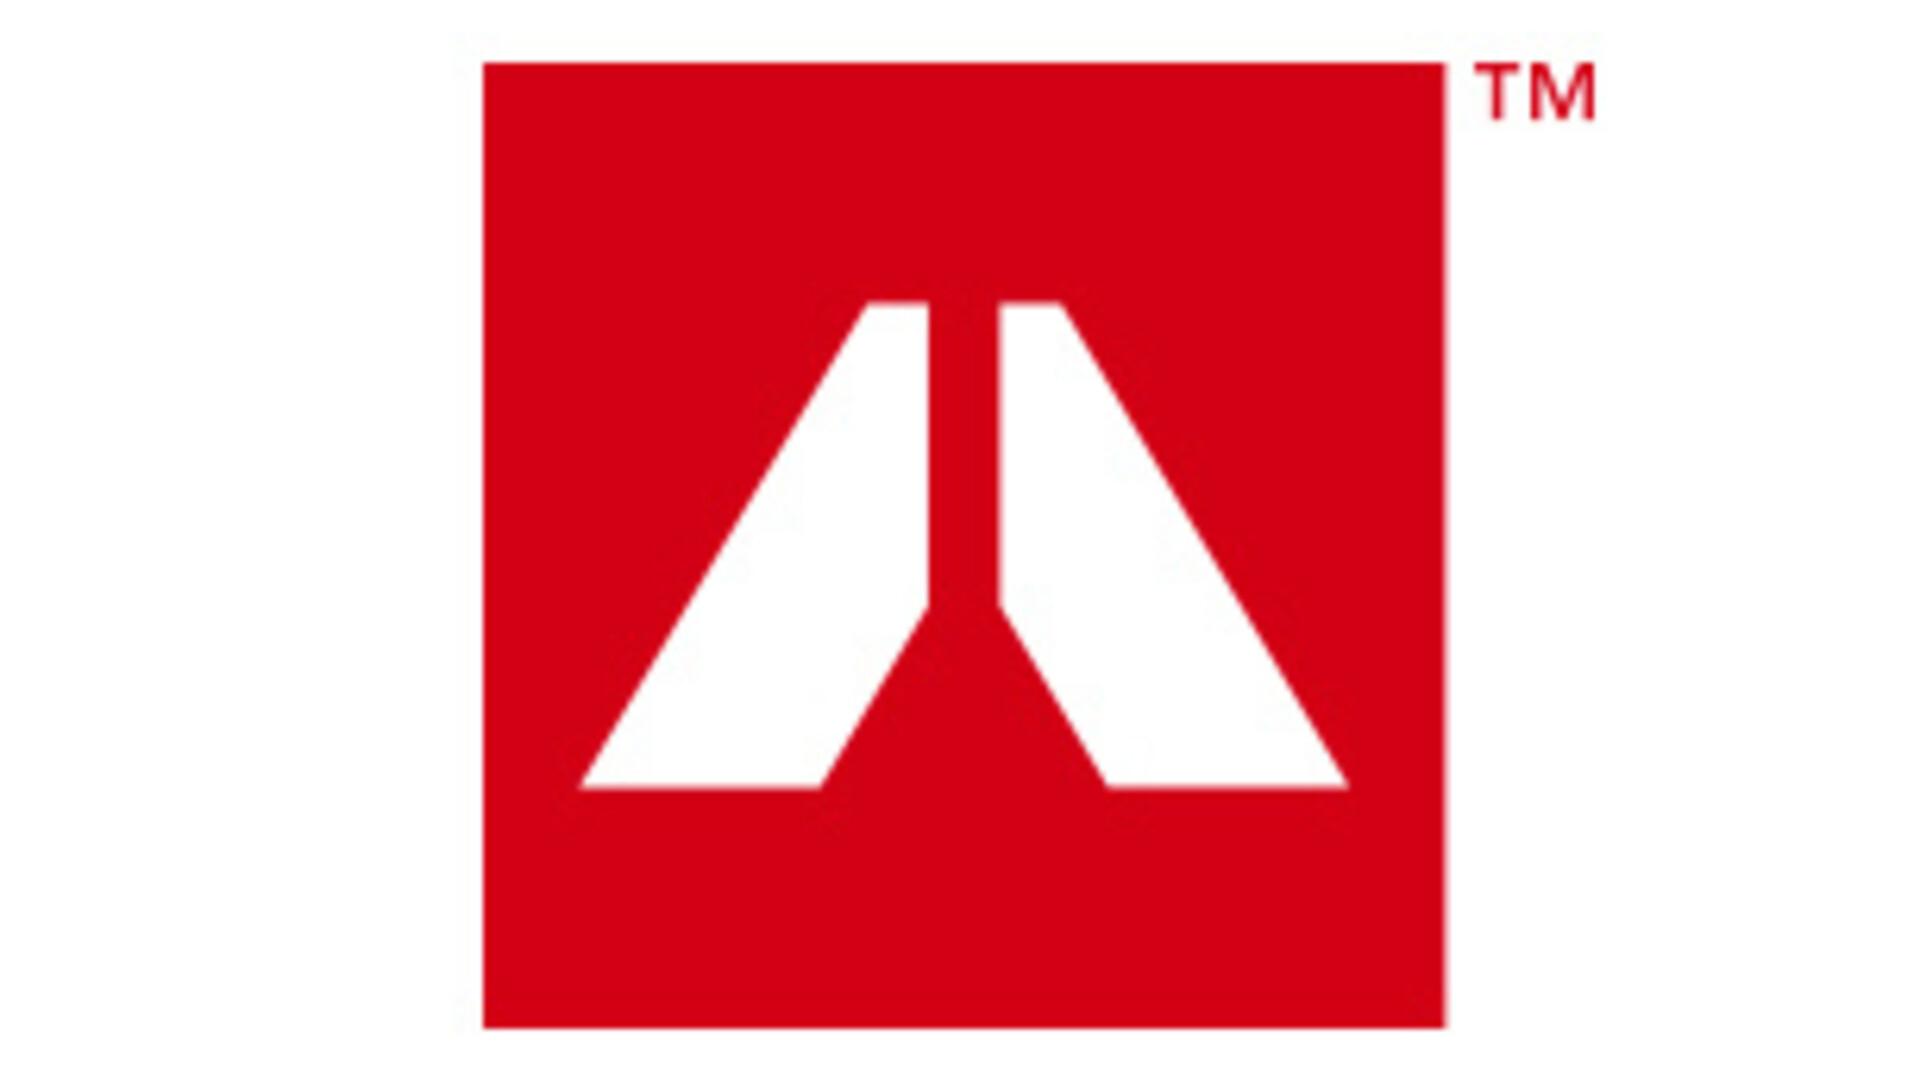 RGB ROCKWOOL™ symbol